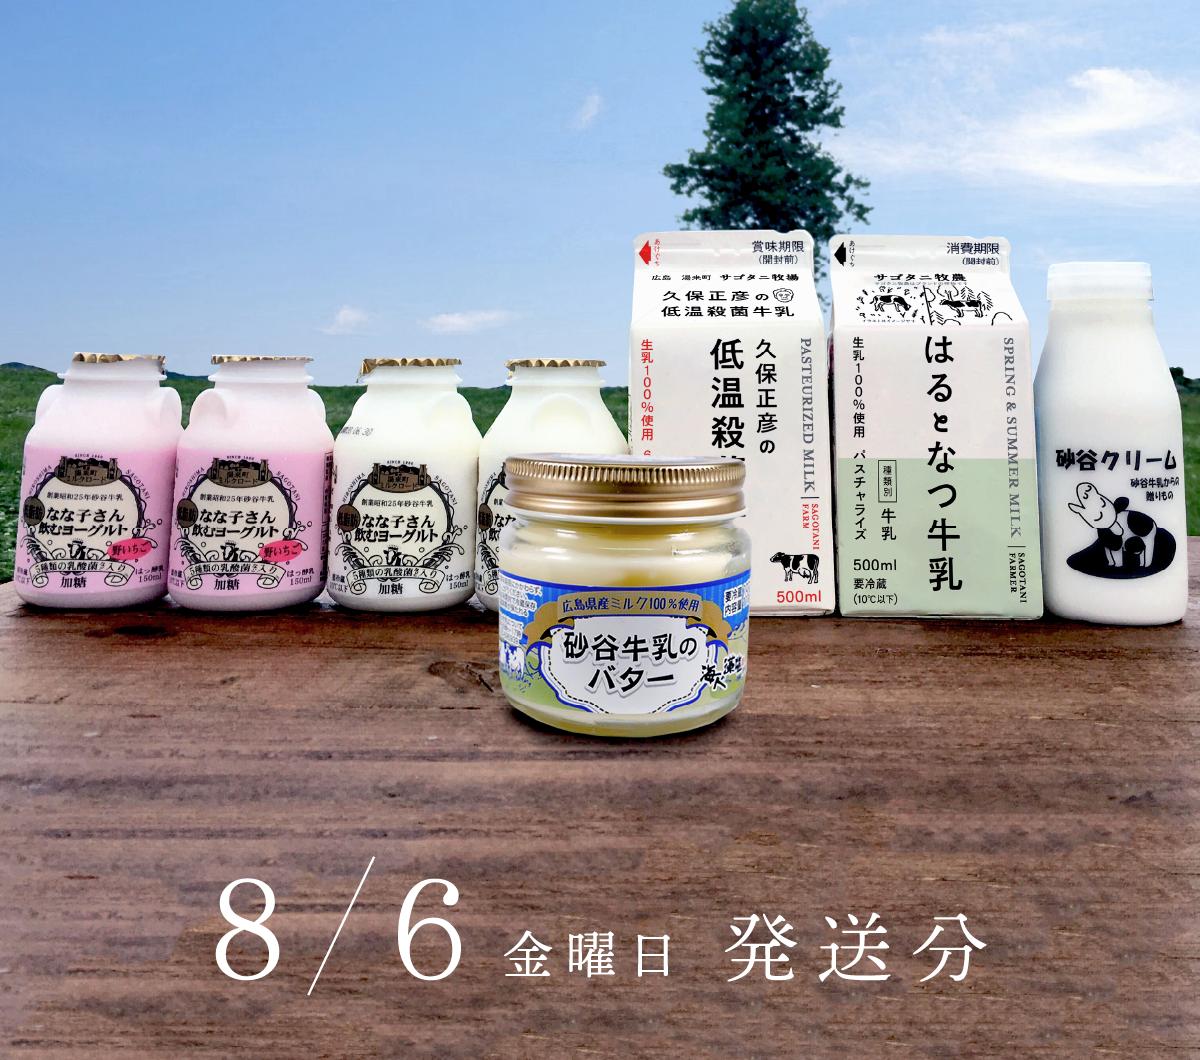 少量セットB バター&飲むヨーグルトセット(砂谷バター藻塩入) 8月6日(金)発送分